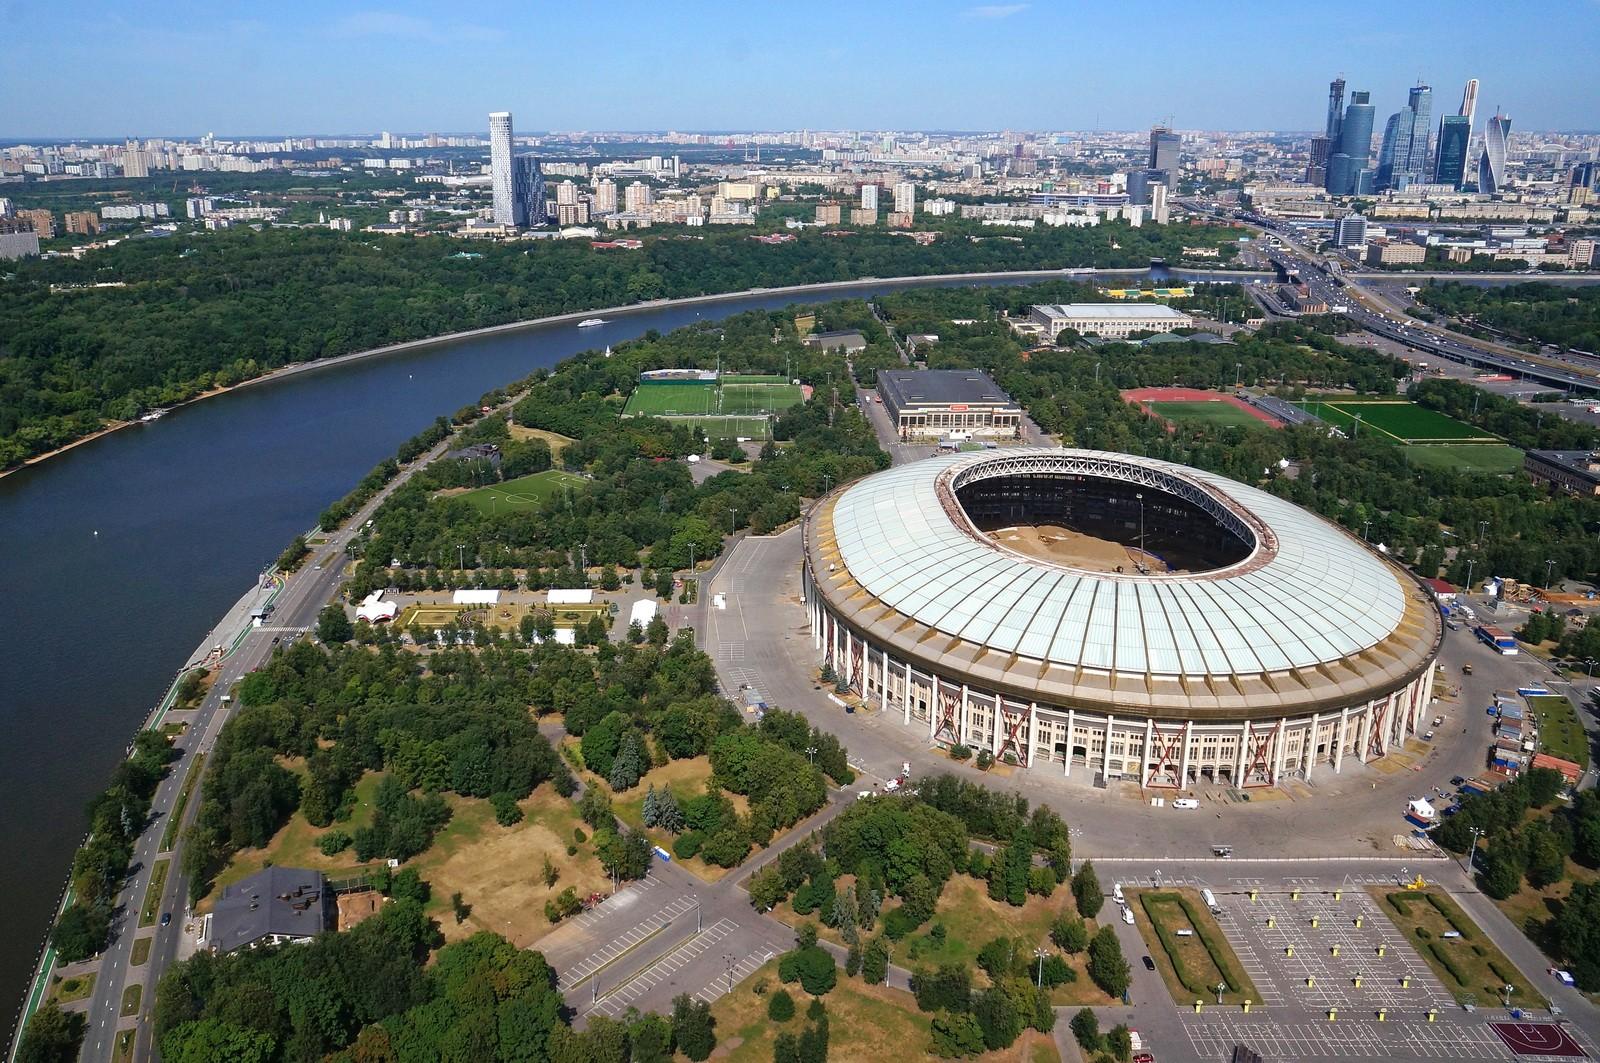 М.Хуснуллин: Комиссия FIFA для проверки стадиона «Лужники» ожидается весной